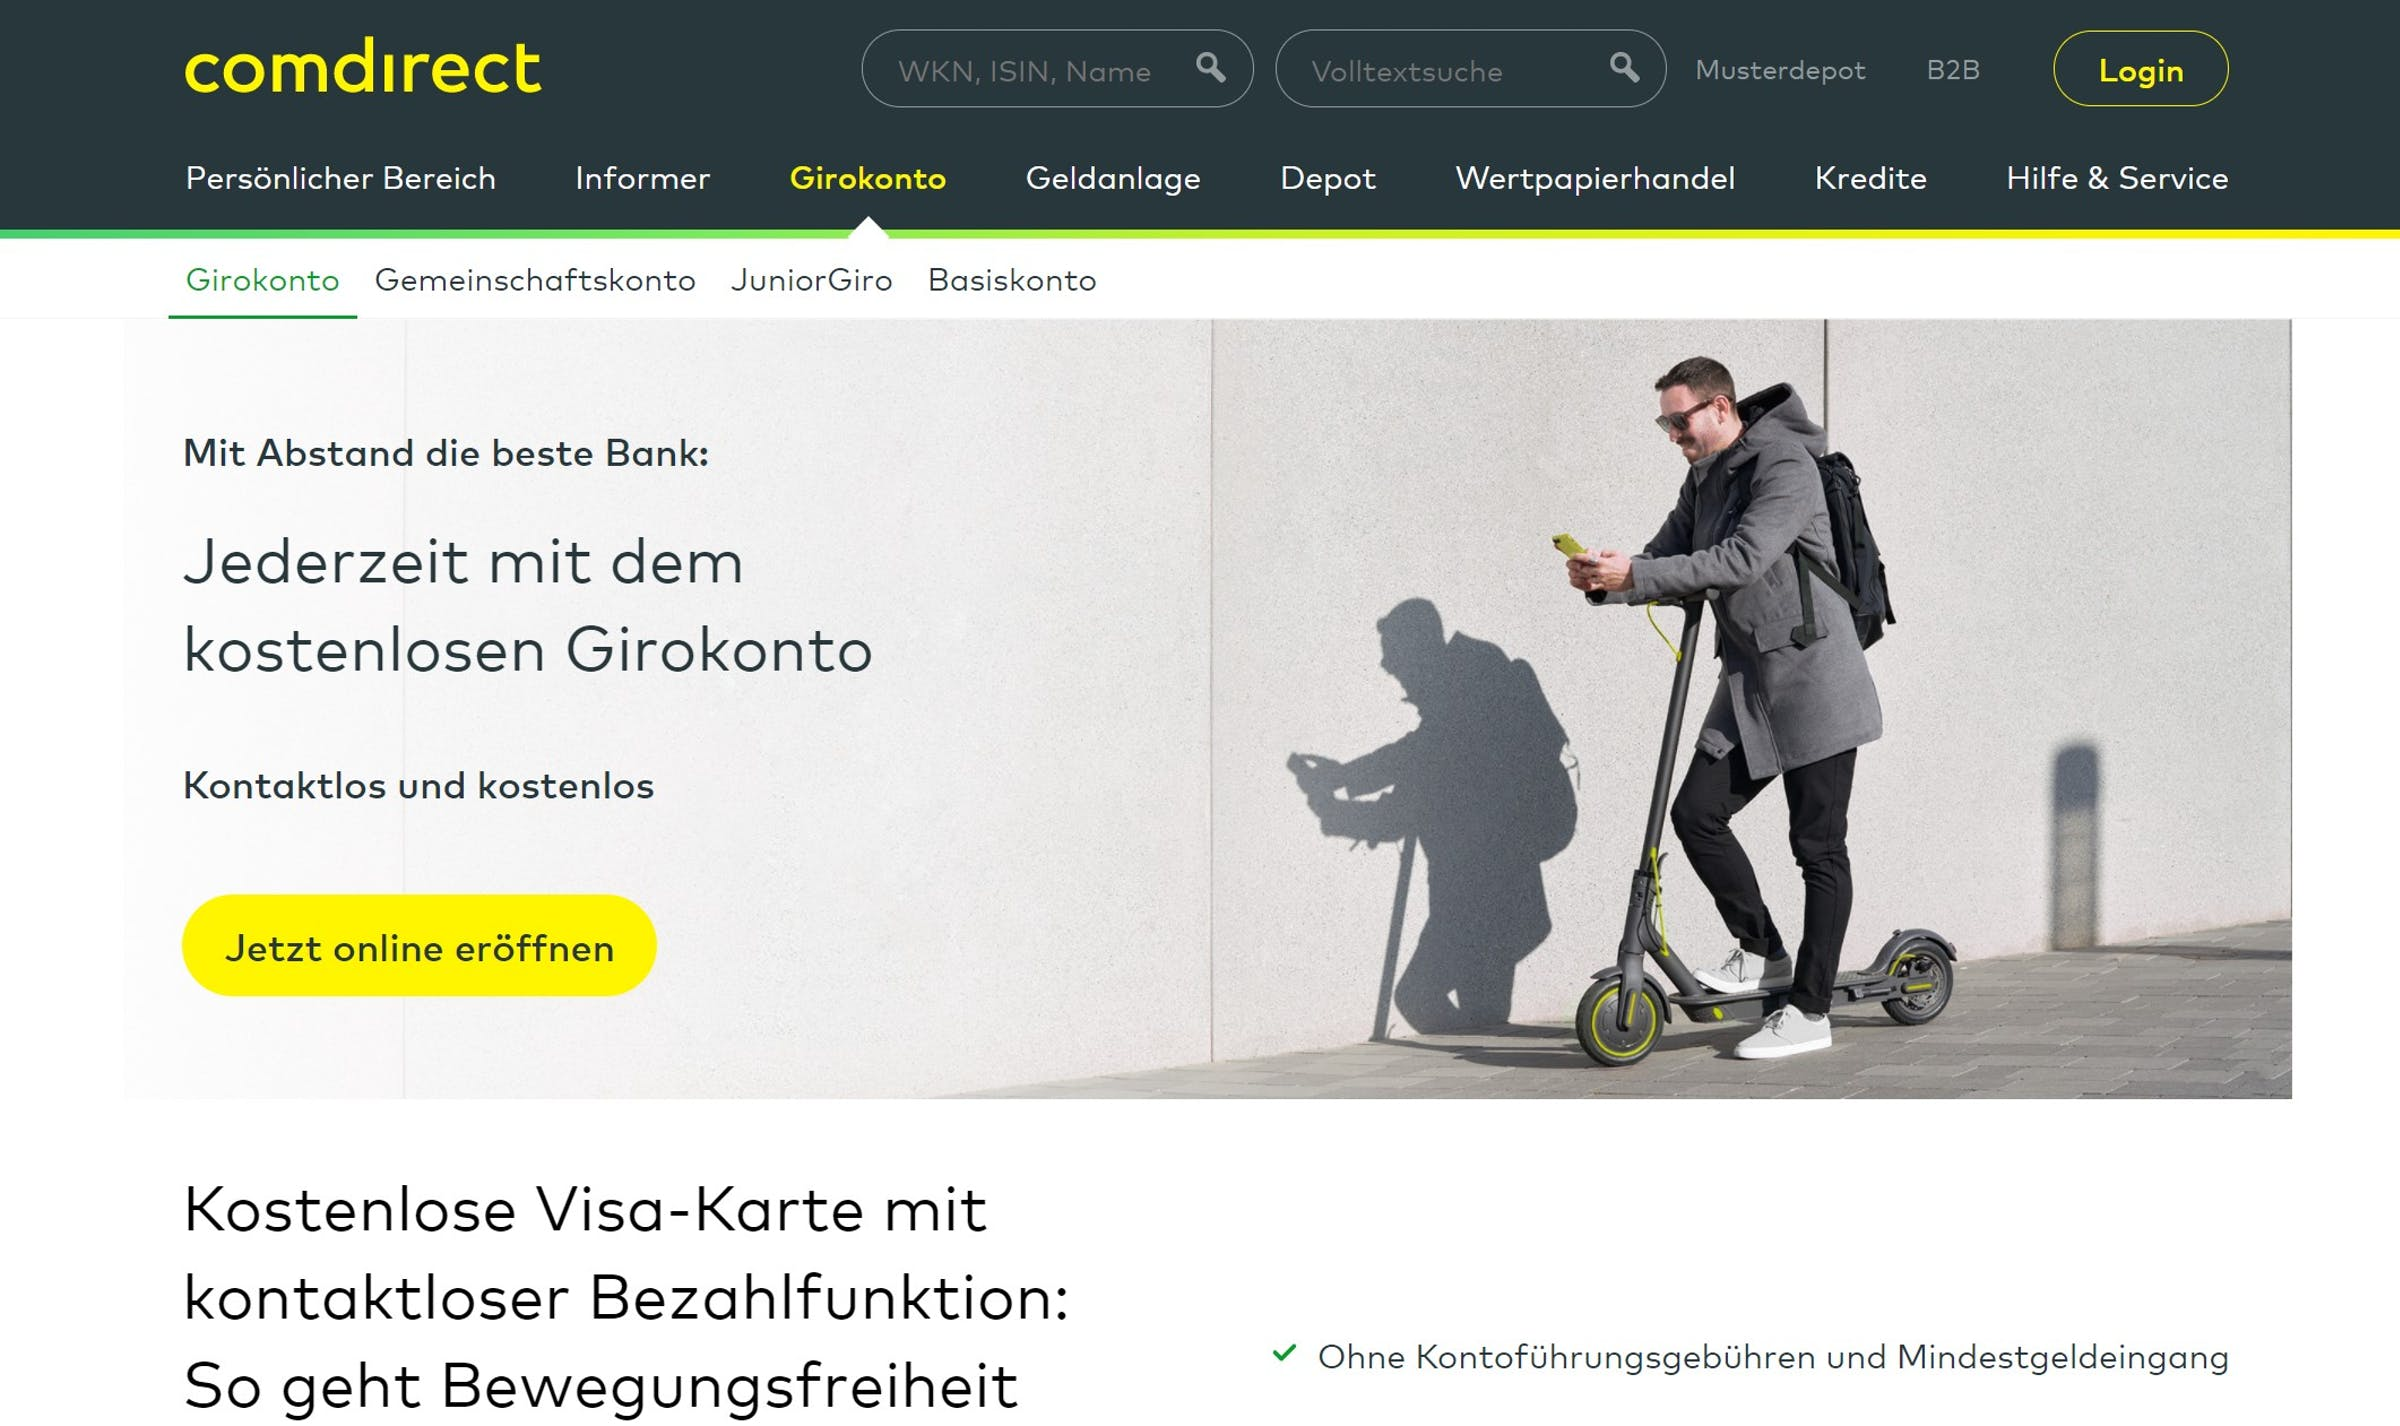 comdirect Girokonto Erfahrungen, Gebühren und Alternativen